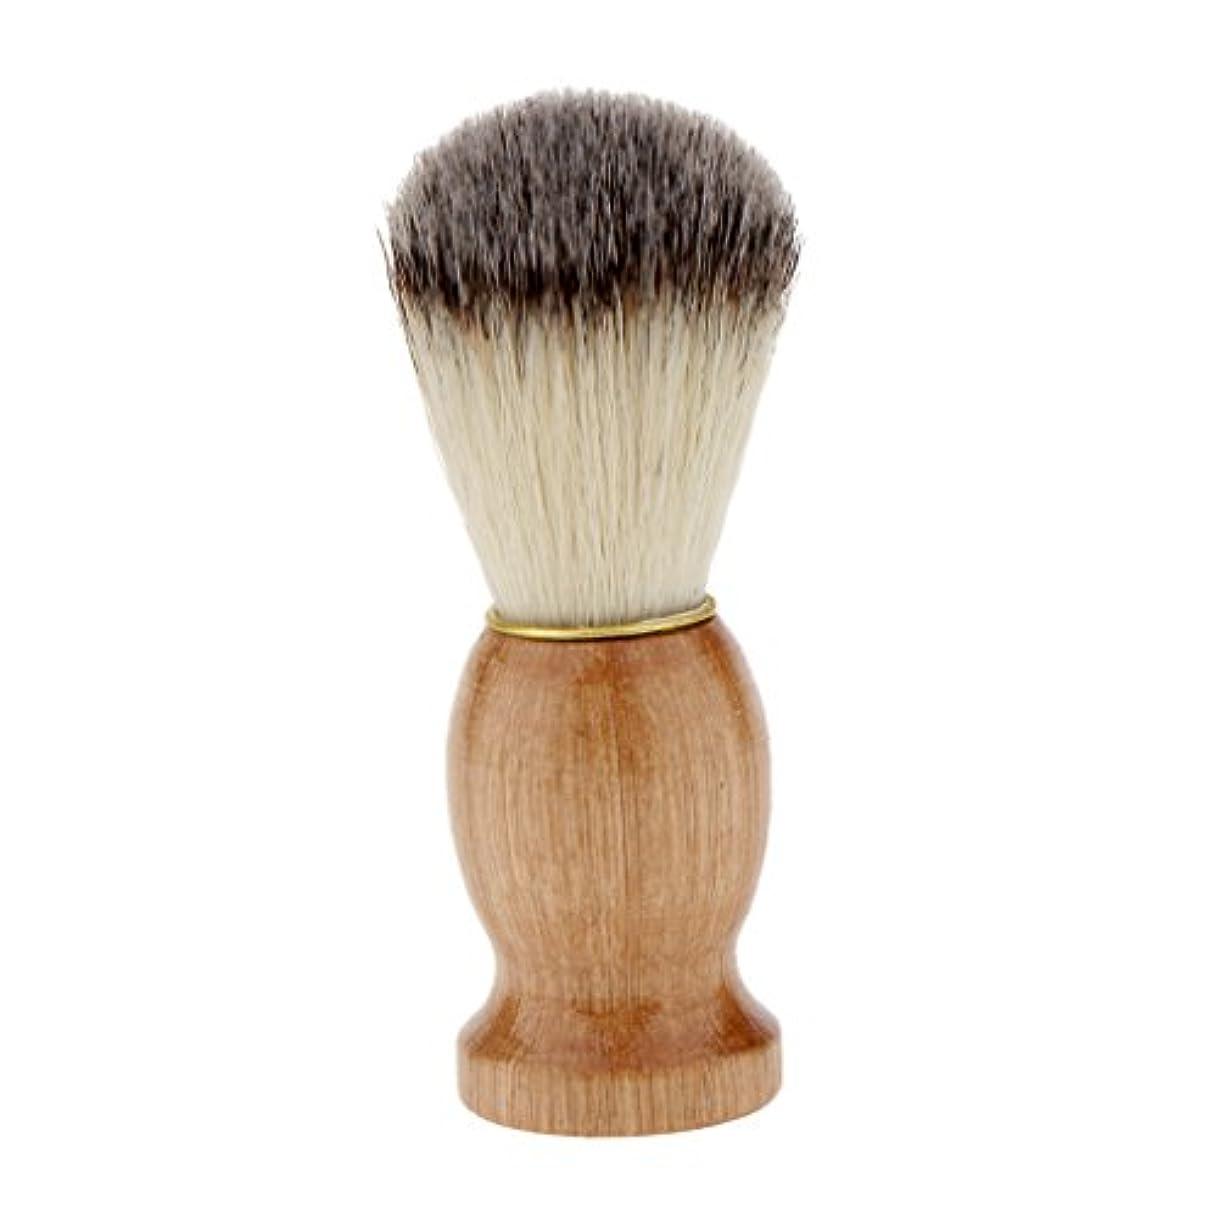 クリスチャンコンパイル議論する男性ギフト剃毛シェービングブラシプロ理髪店サロン剛毛ブラシウッドハンドルダストクリーニングツール